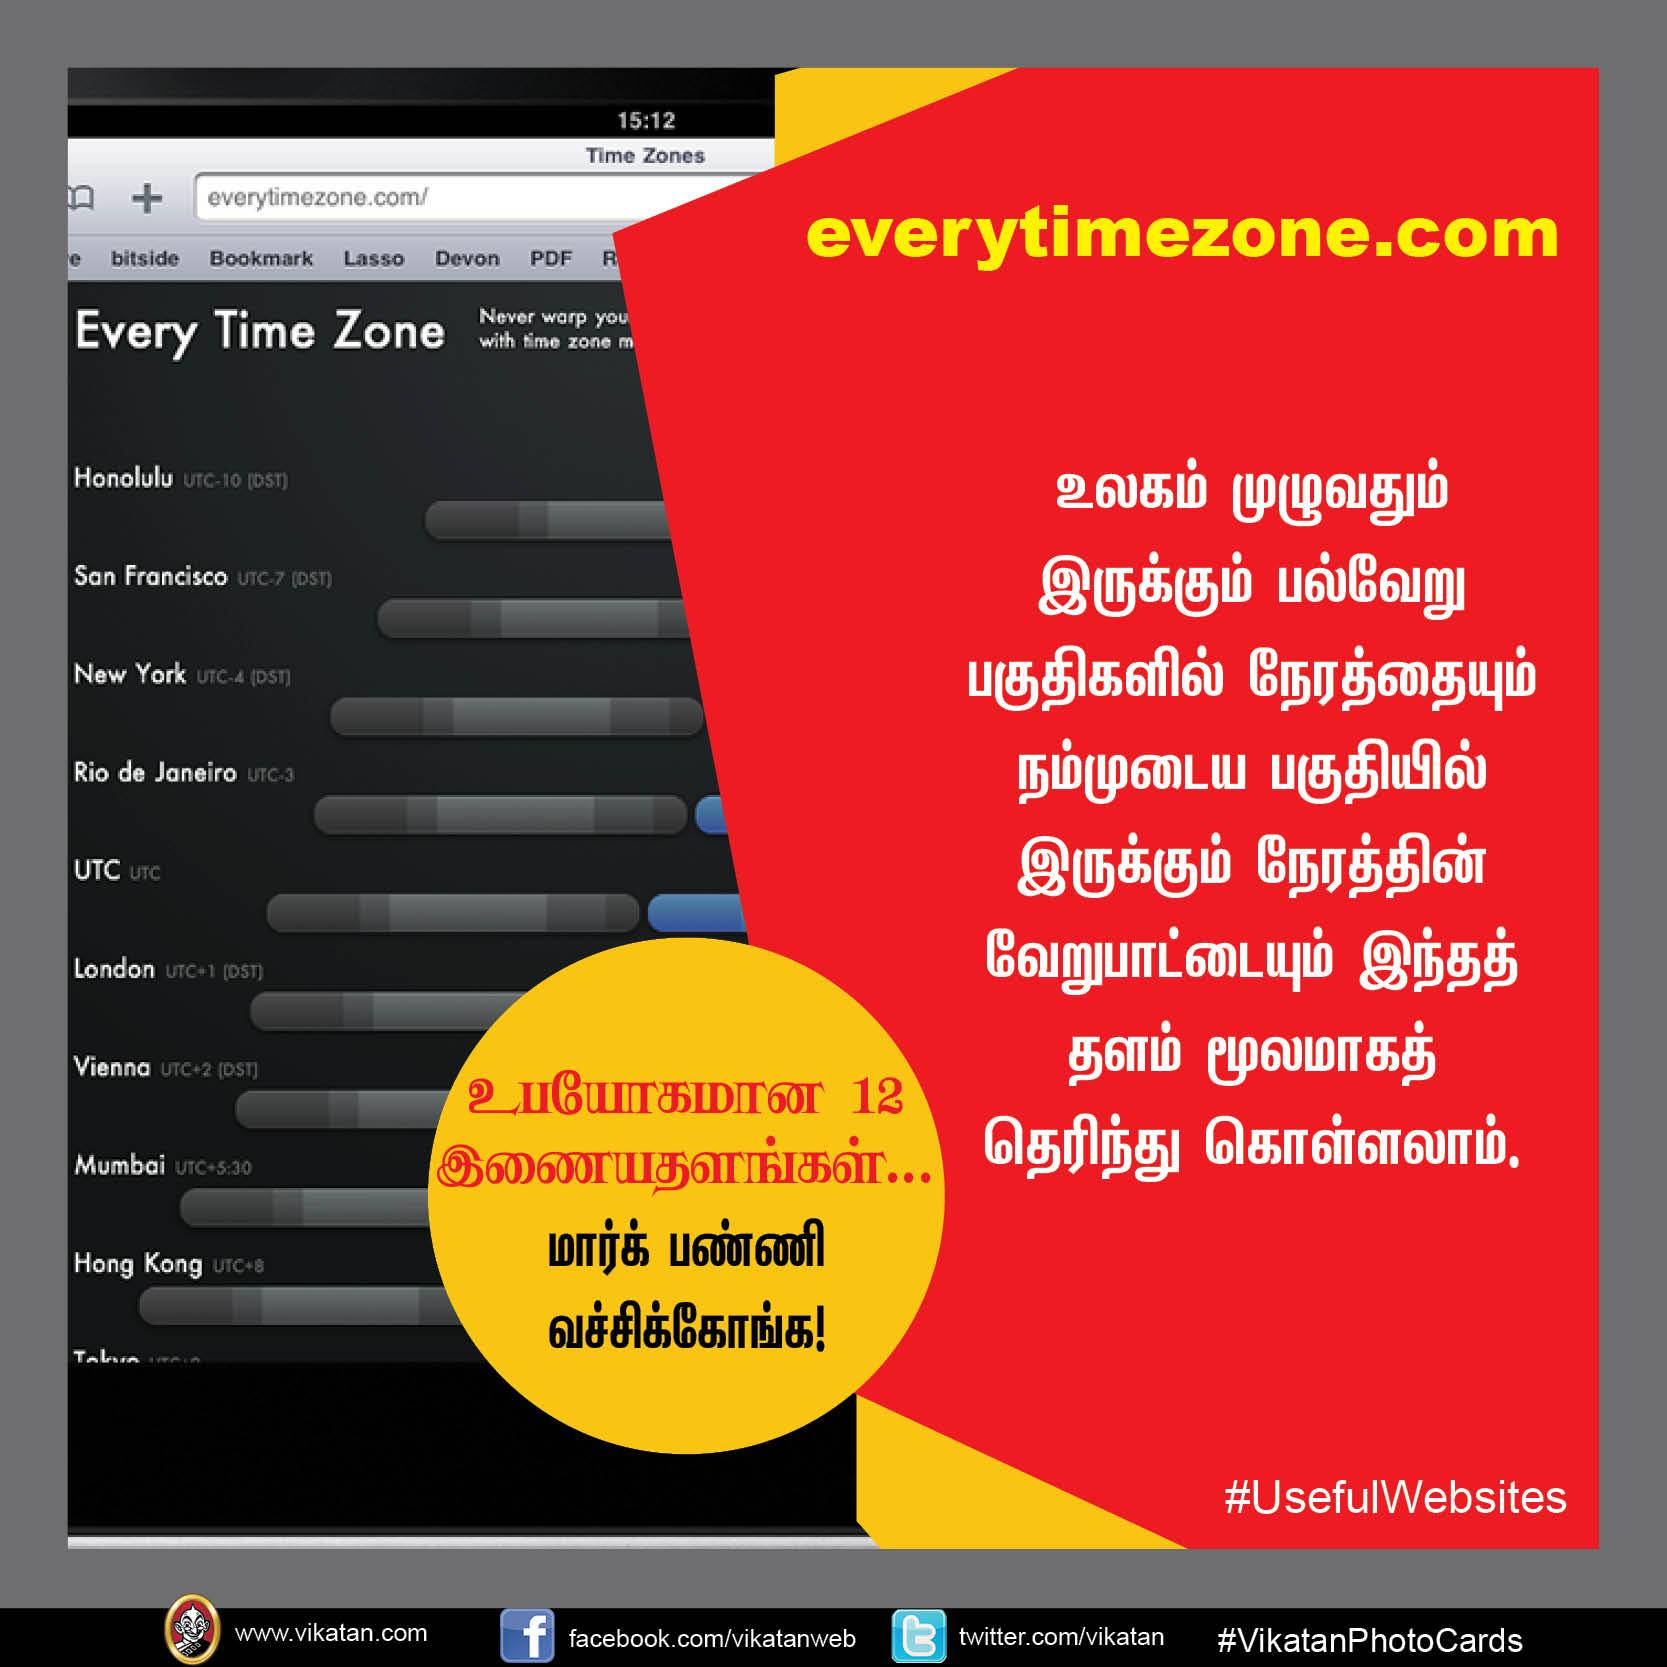 உபயோகமான 12 இணையதளங்கள்... மார்க் பண்ணி வச்சிக்கோங்க!  #UsefulWebsites #VikatanPhotoCards